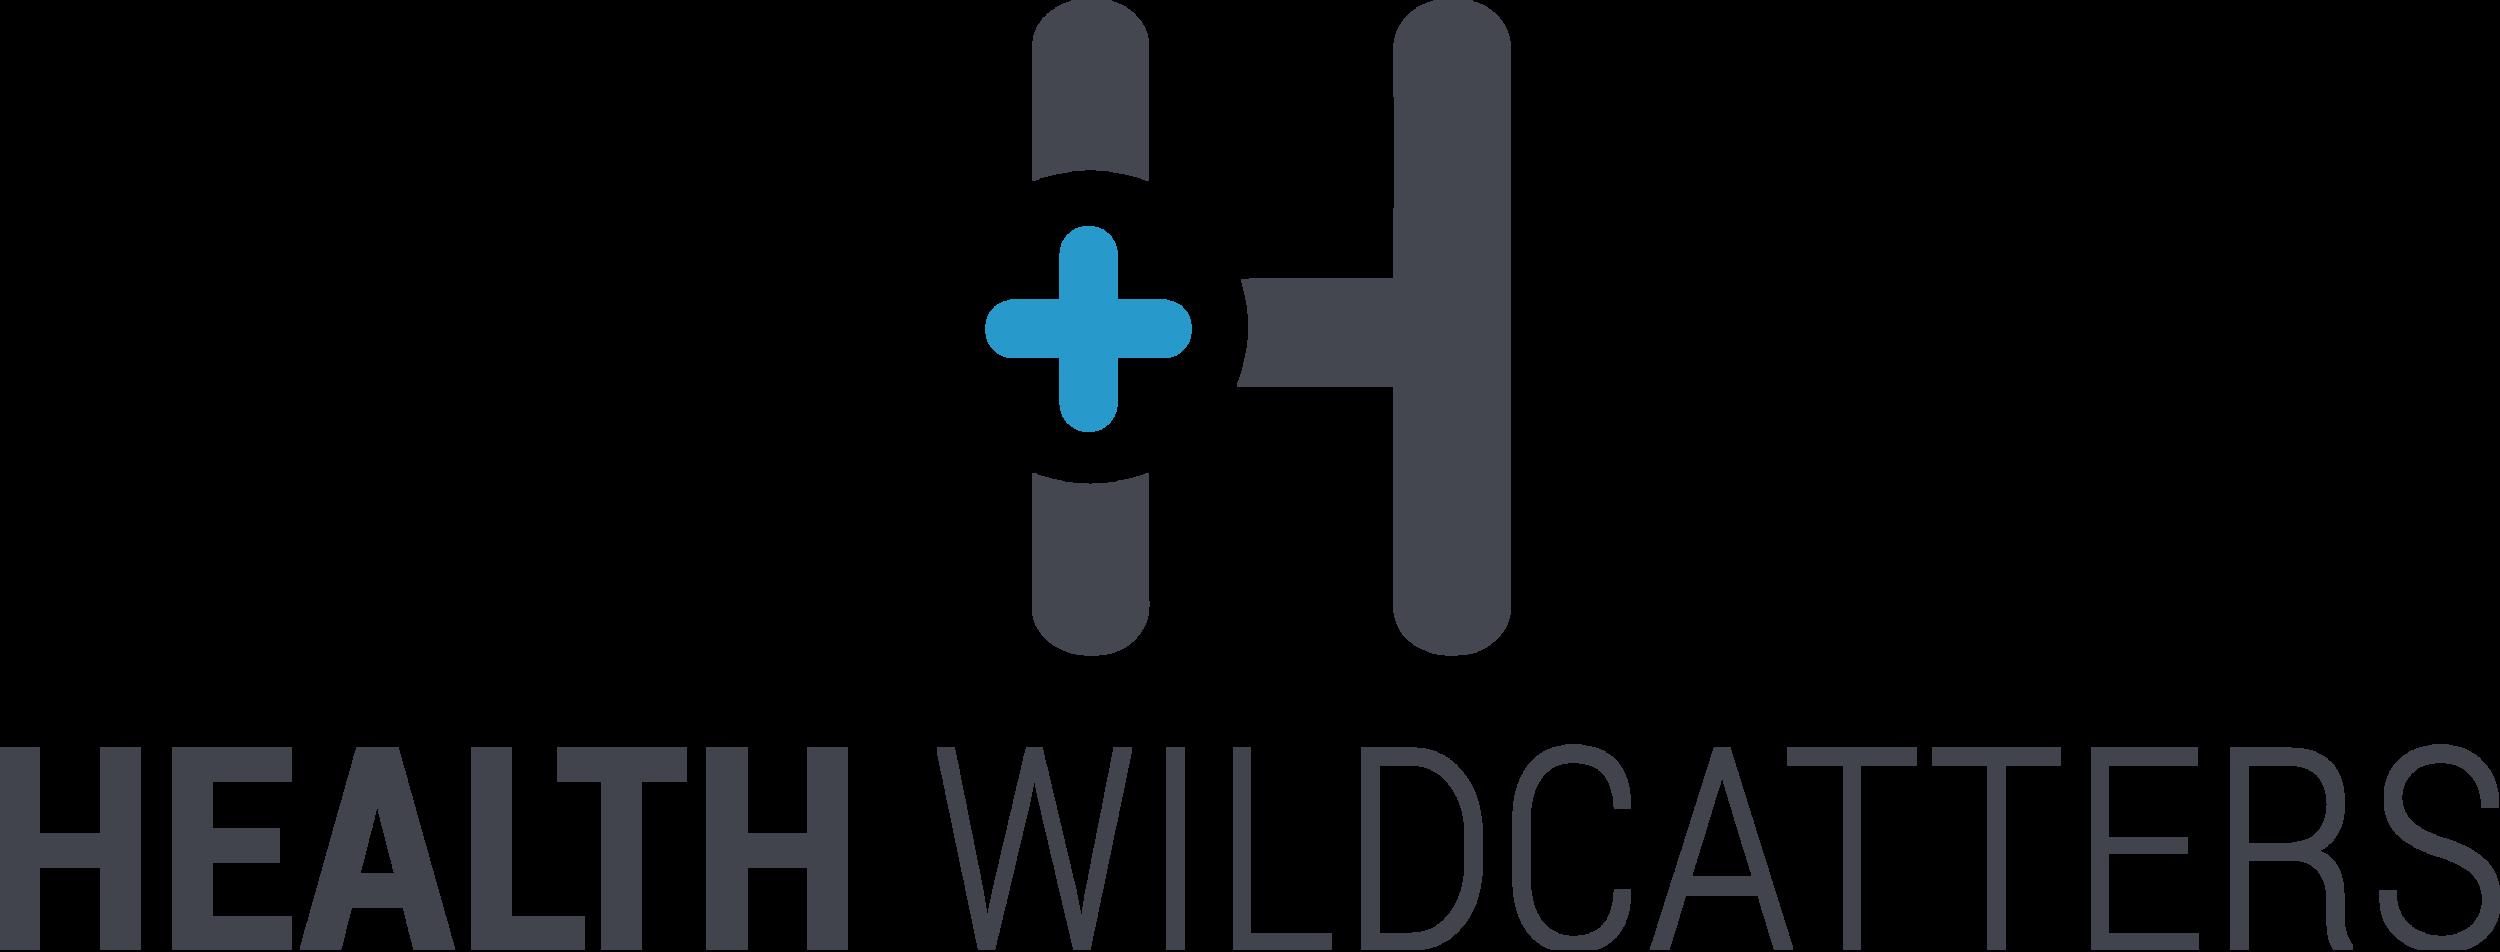 Health Wildcatters